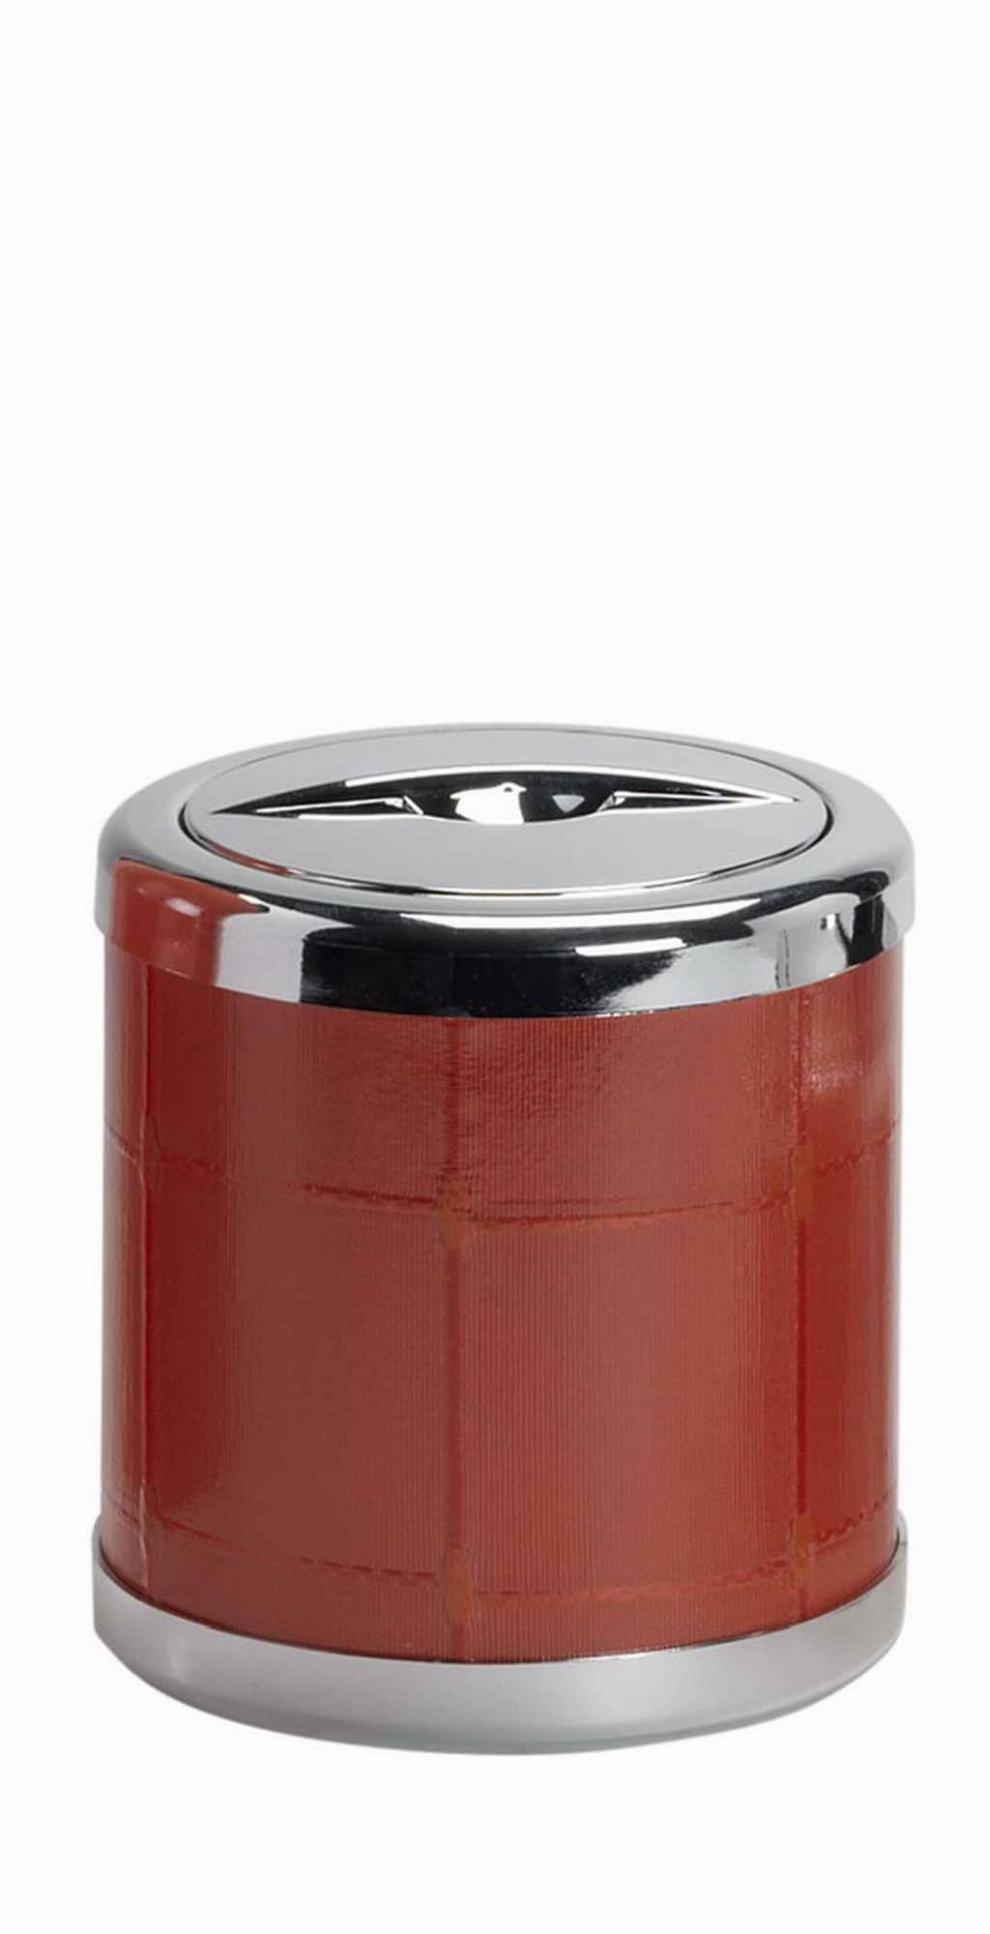 platex seau glace isotherme platex isis rouge 740050353 740050353 achetez au meilleur. Black Bedroom Furniture Sets. Home Design Ideas